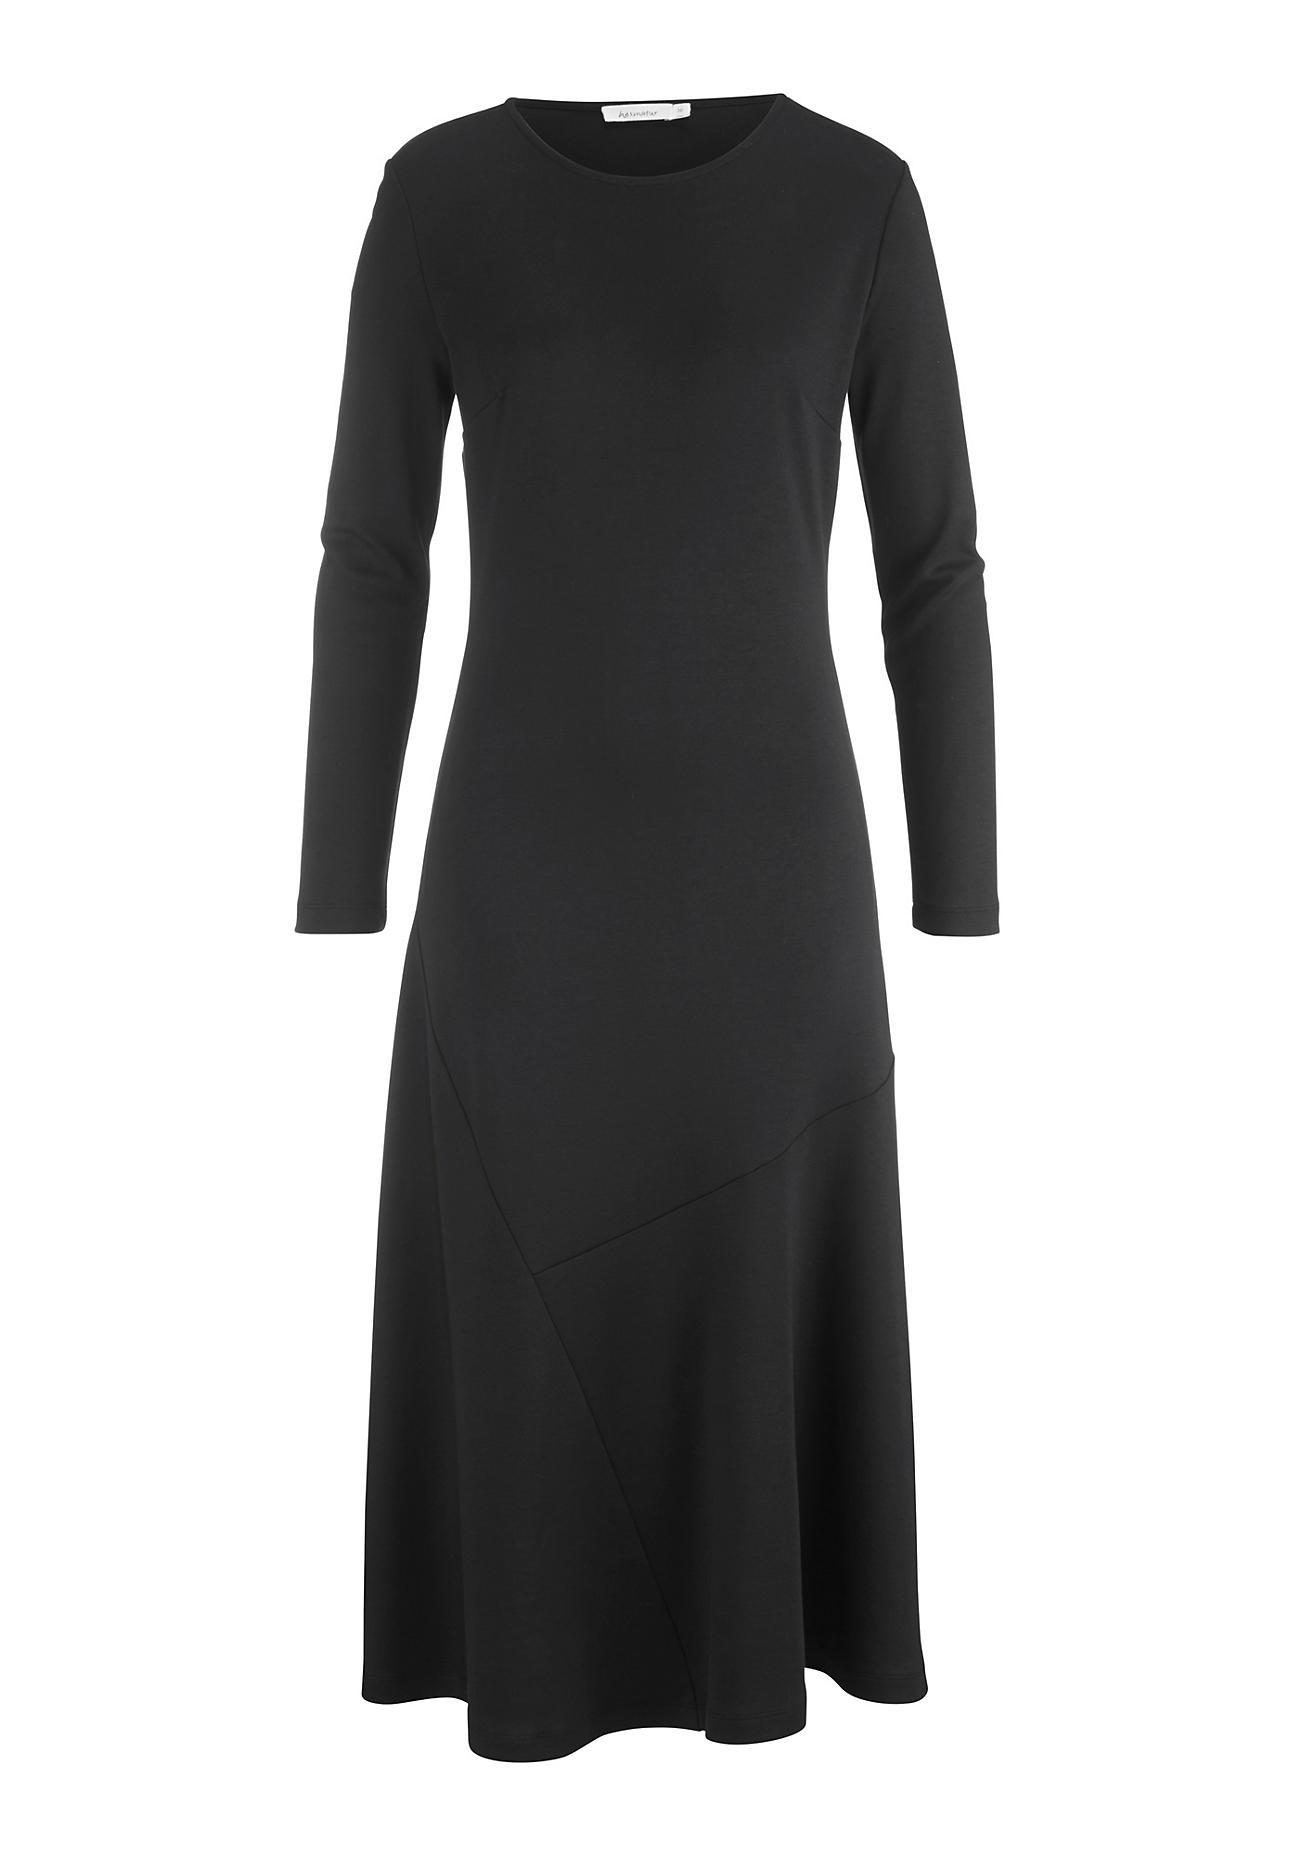 Kleider - hessnatur Damen Jersey Kleid aus Bio Baumwolle und Modal – schwarz –  - Onlineshop Hessnatur